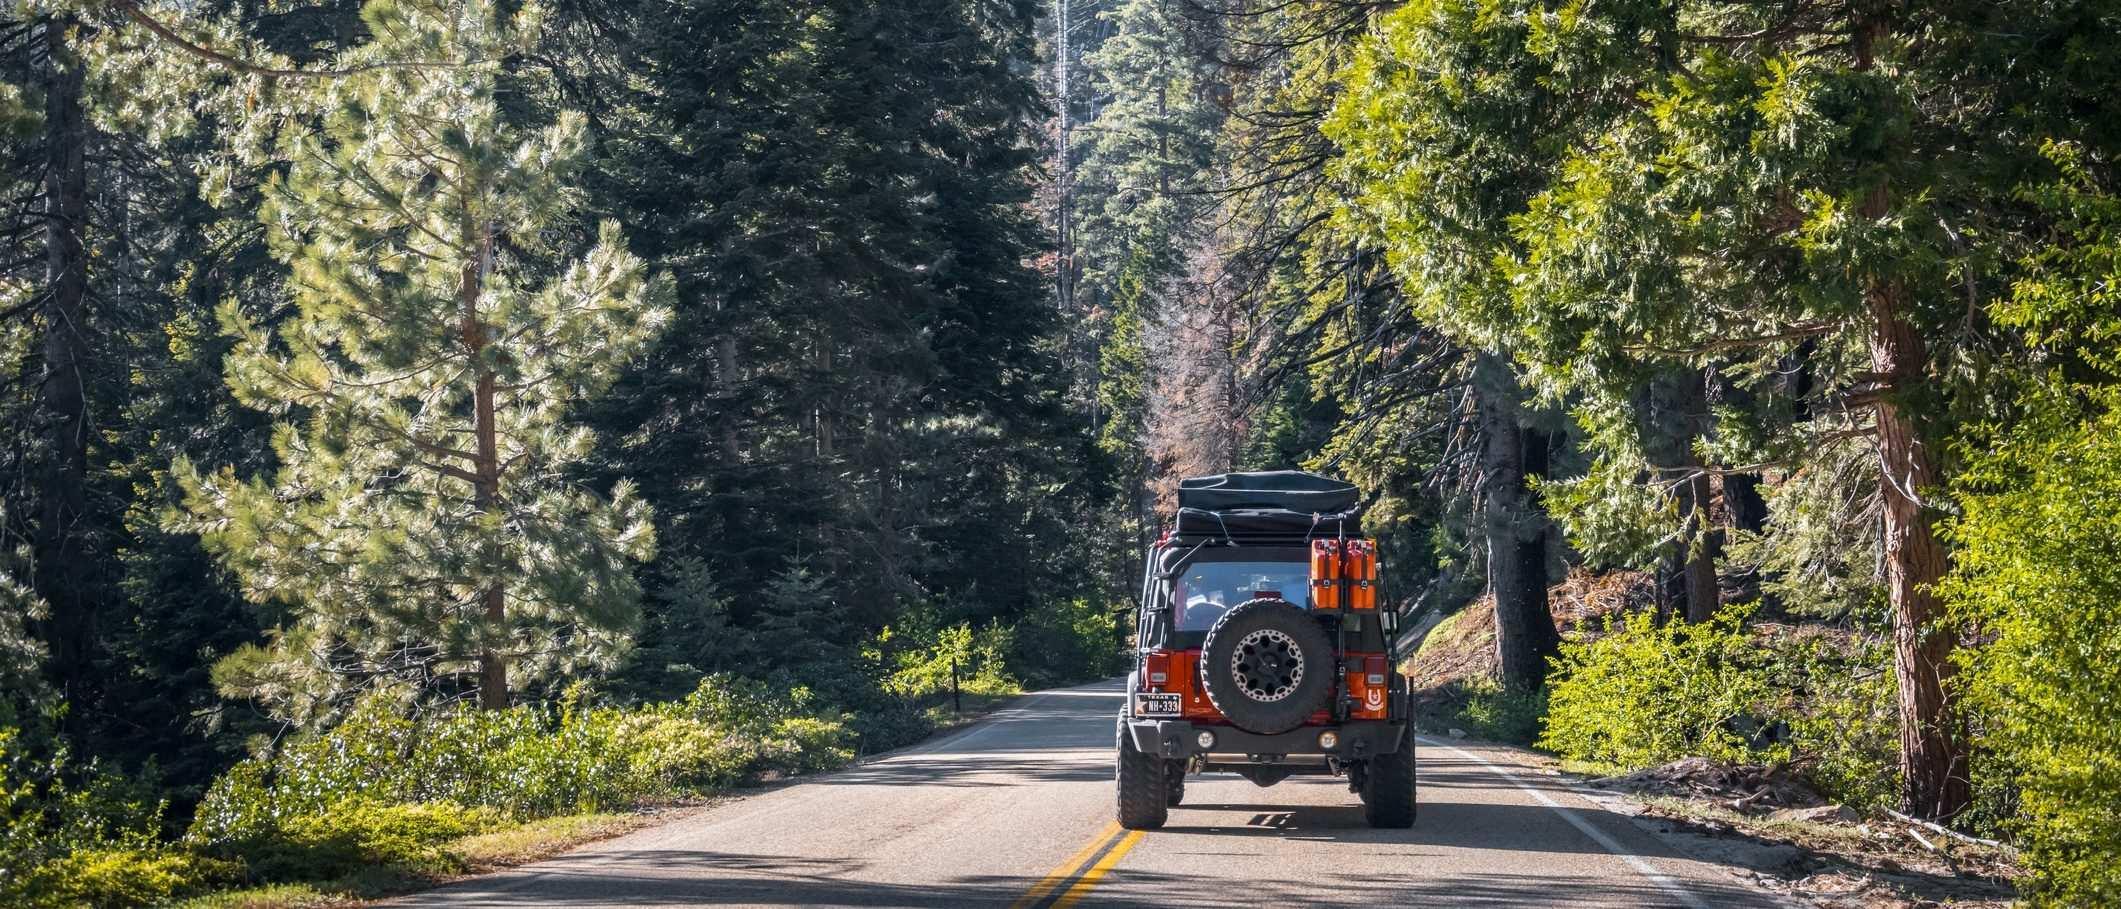 79 Gallery of Jeep Nuovi Modelli 2020 New Concept for Jeep Nuovi Modelli 2020